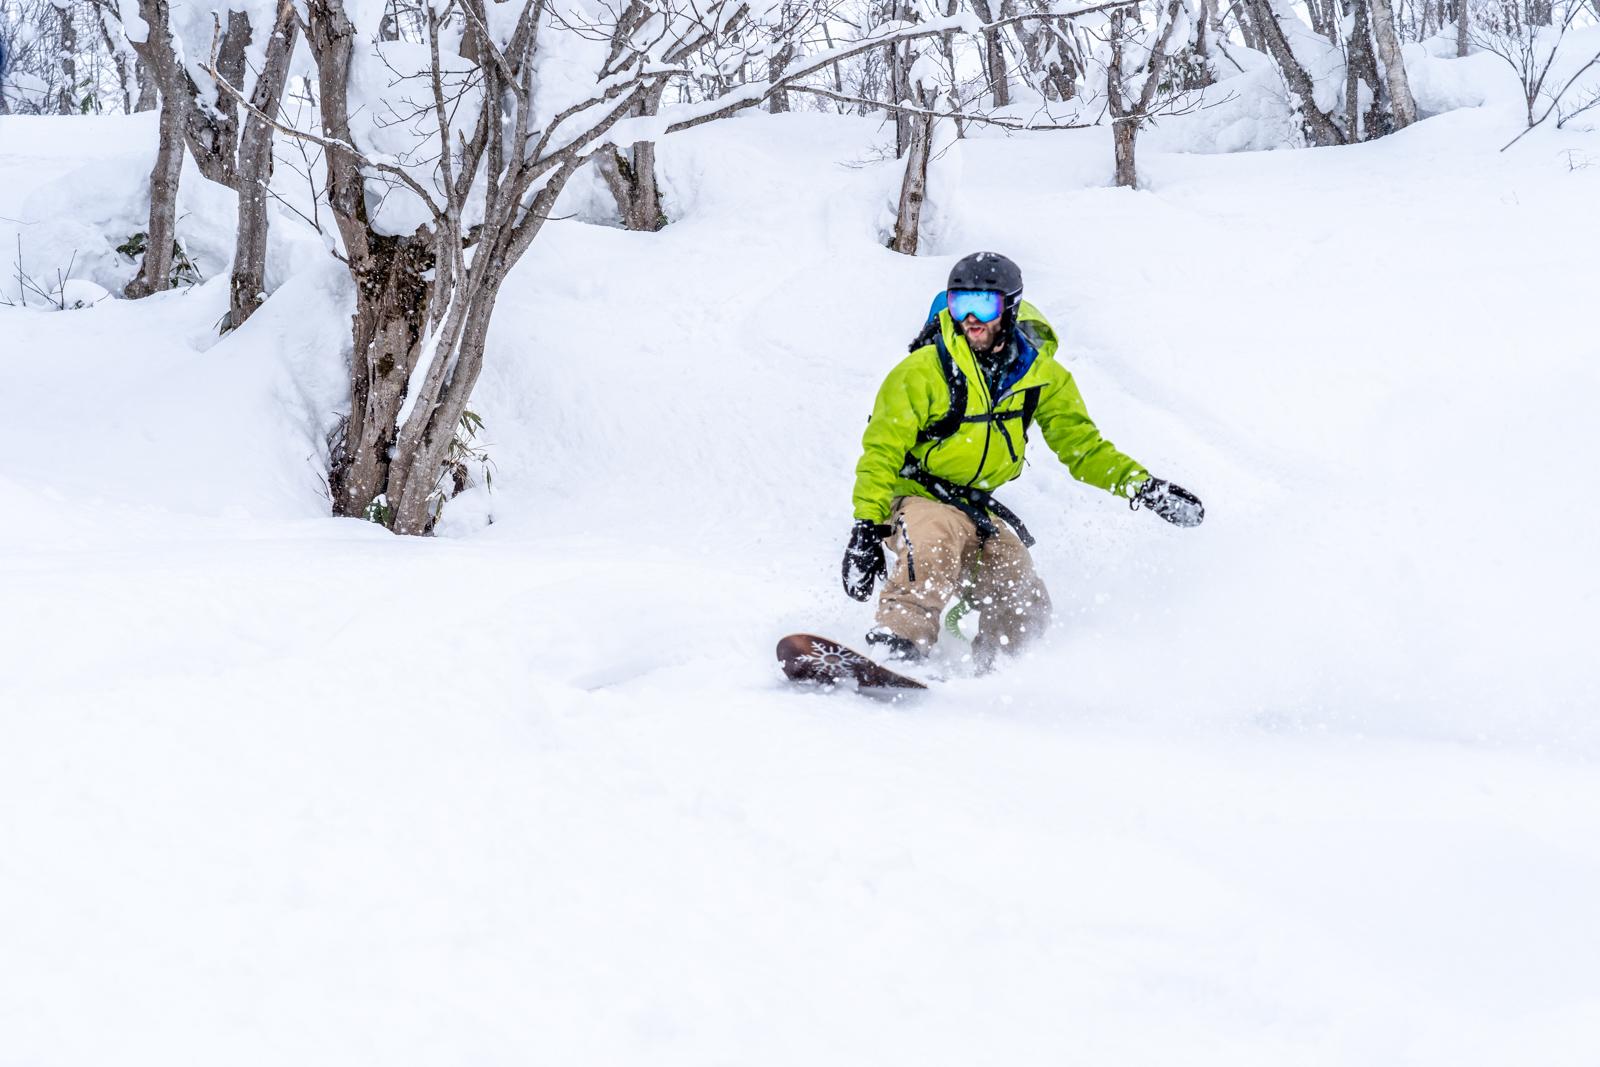 Snowboarding Anon M4 Goggles Echo Helmet